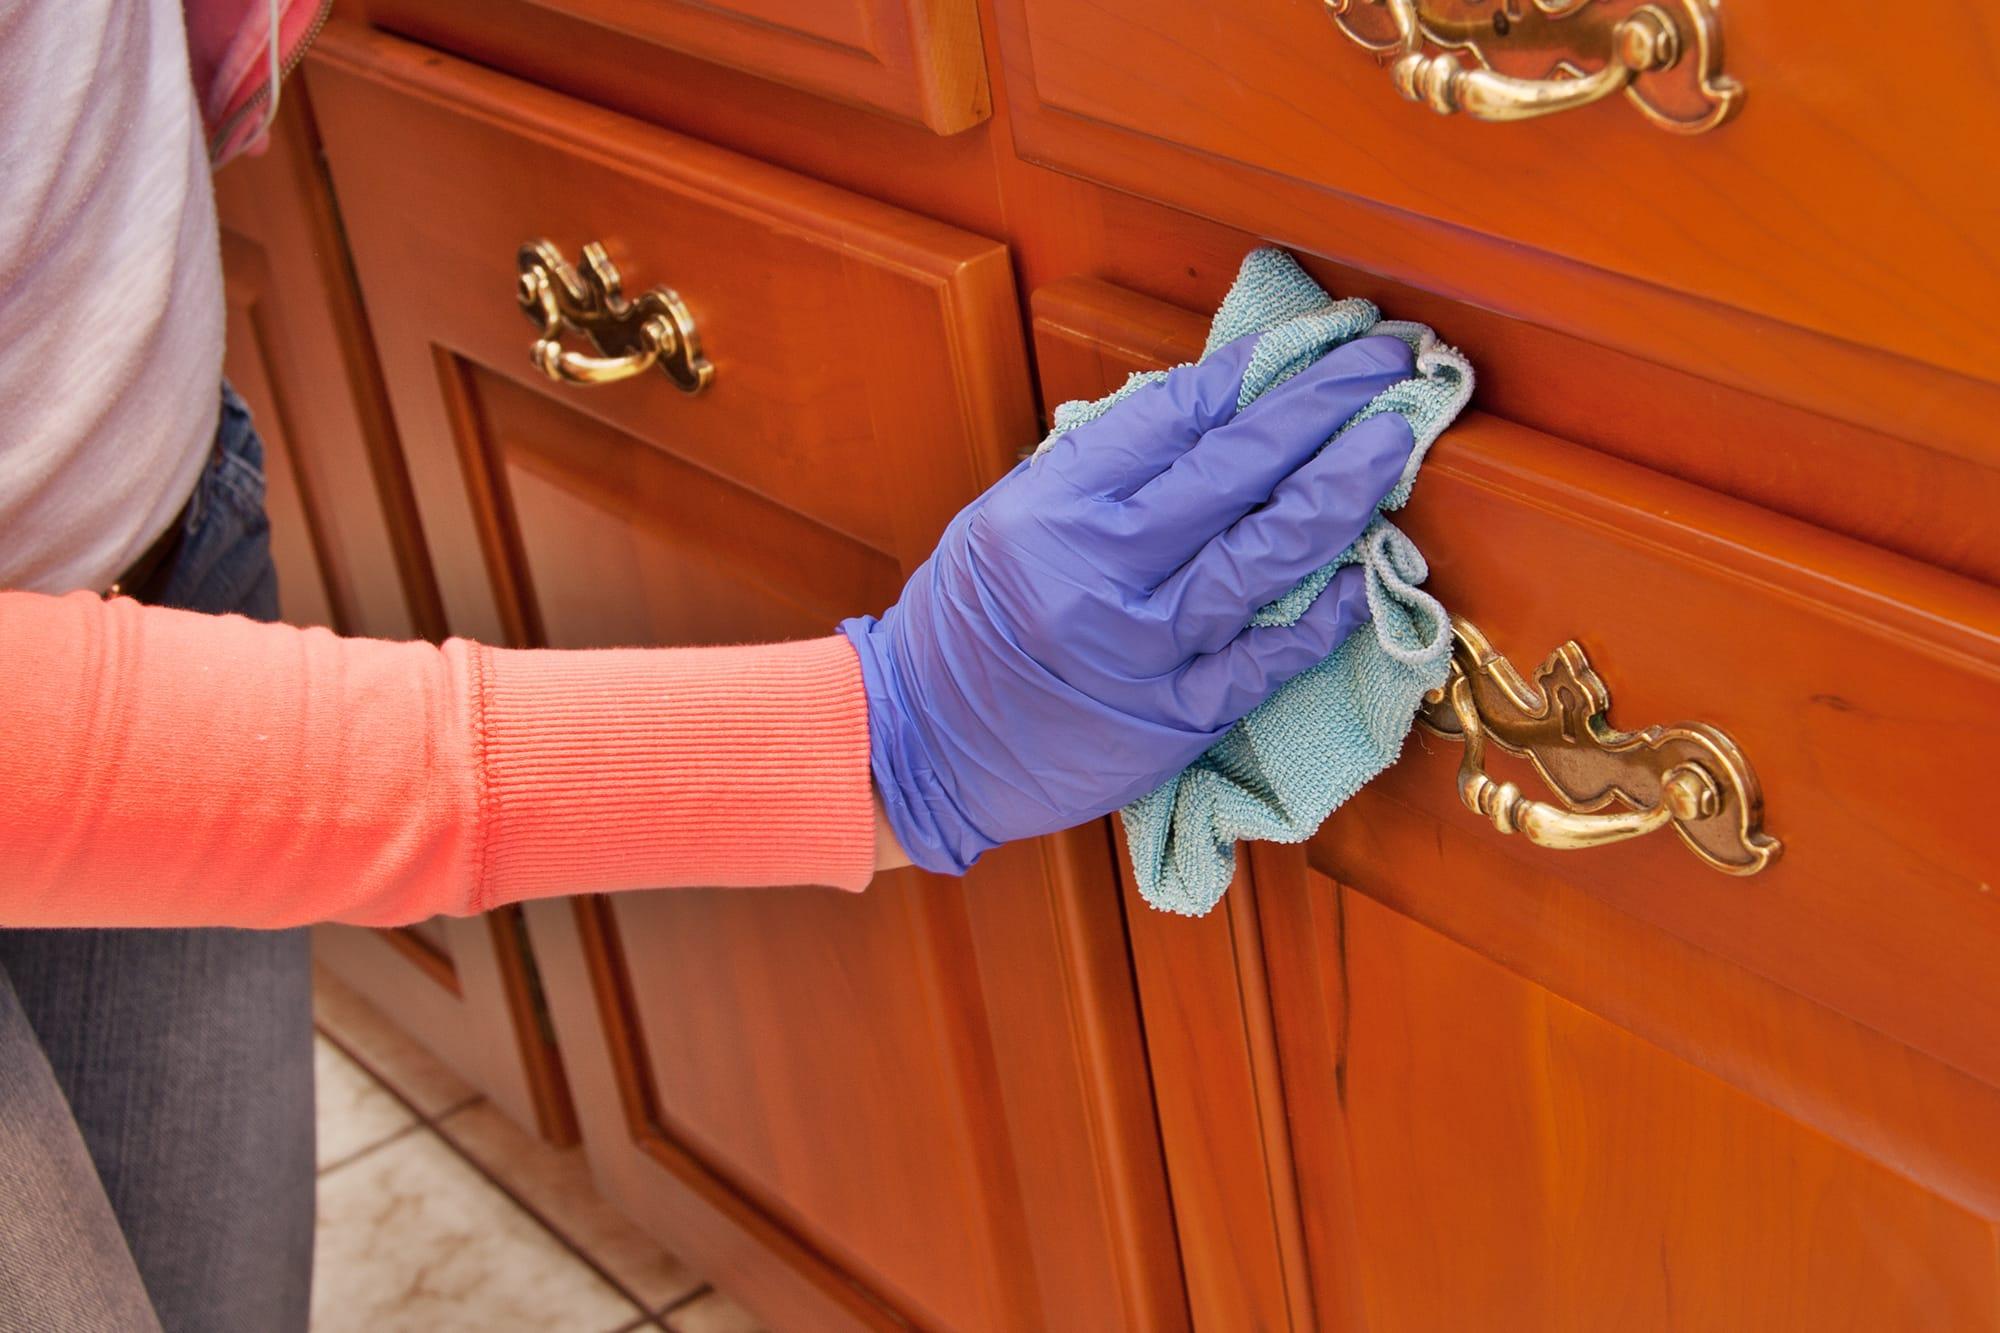 Bí kíp dọn dẹp phòng khách ngày Tết cực nhanh mà lại sạch bóng - Ảnh 4.